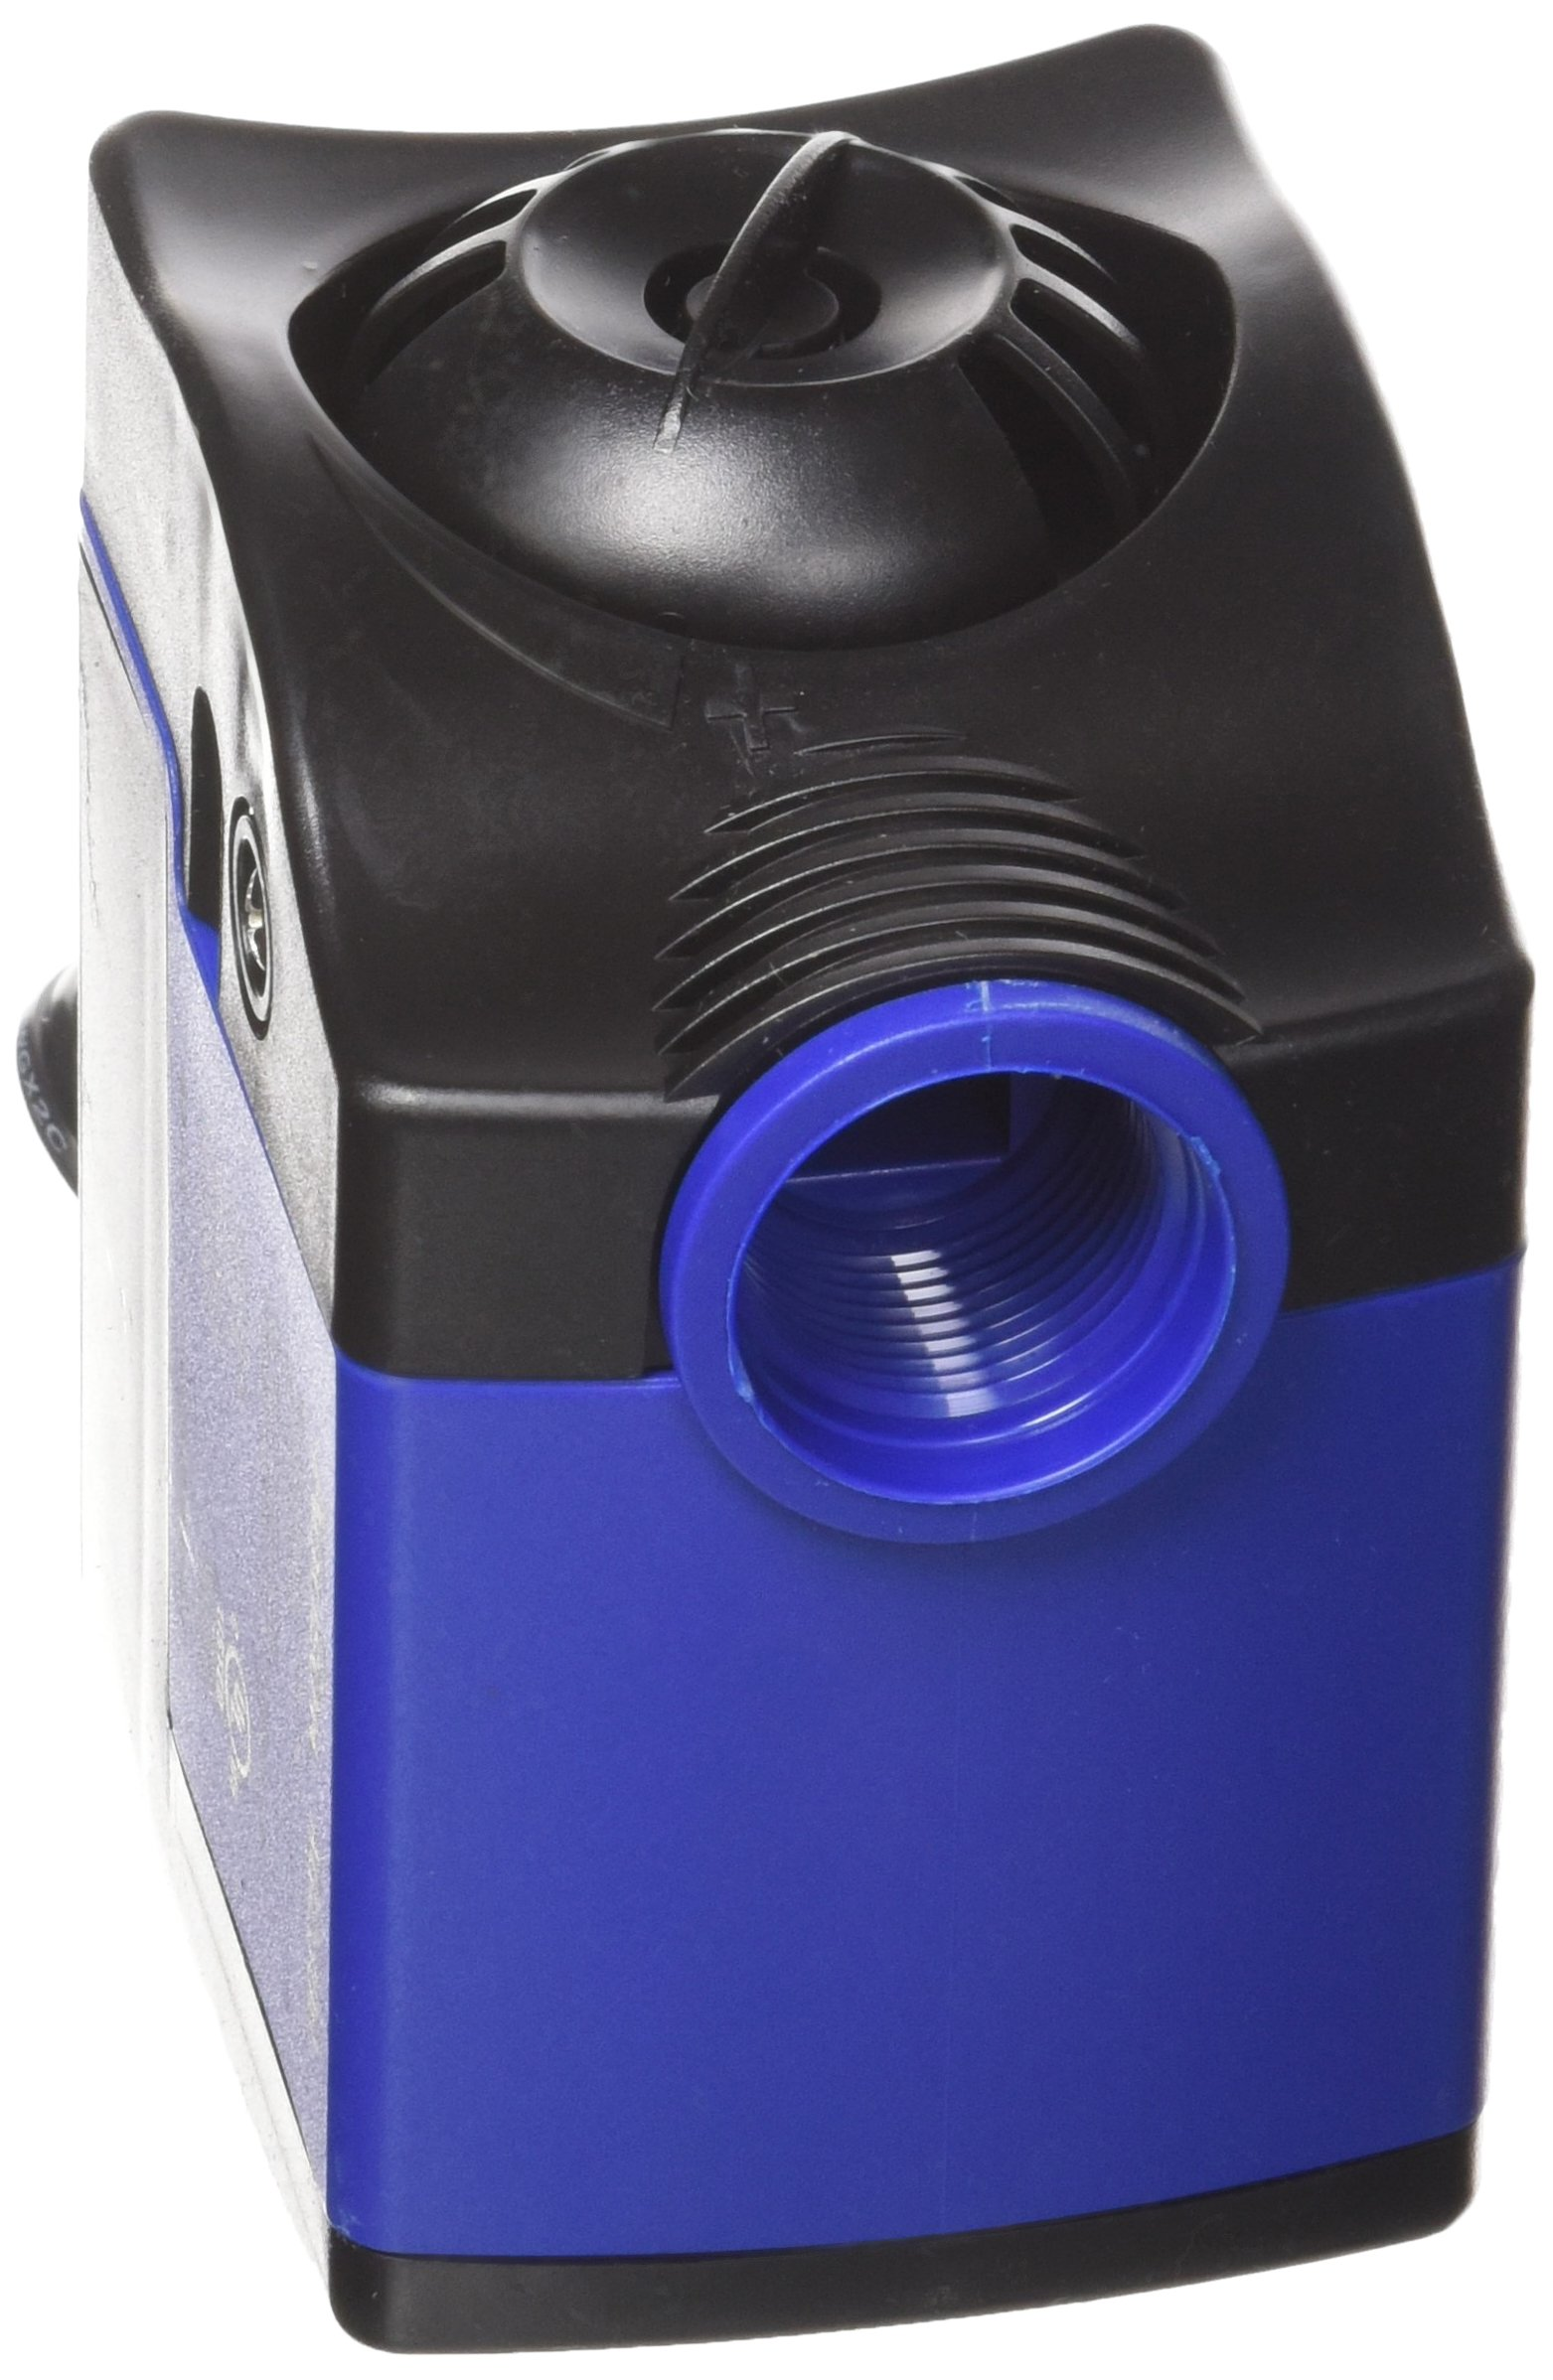 Aqueon Quietflow Submersible Aquarium Utility Pump 2300